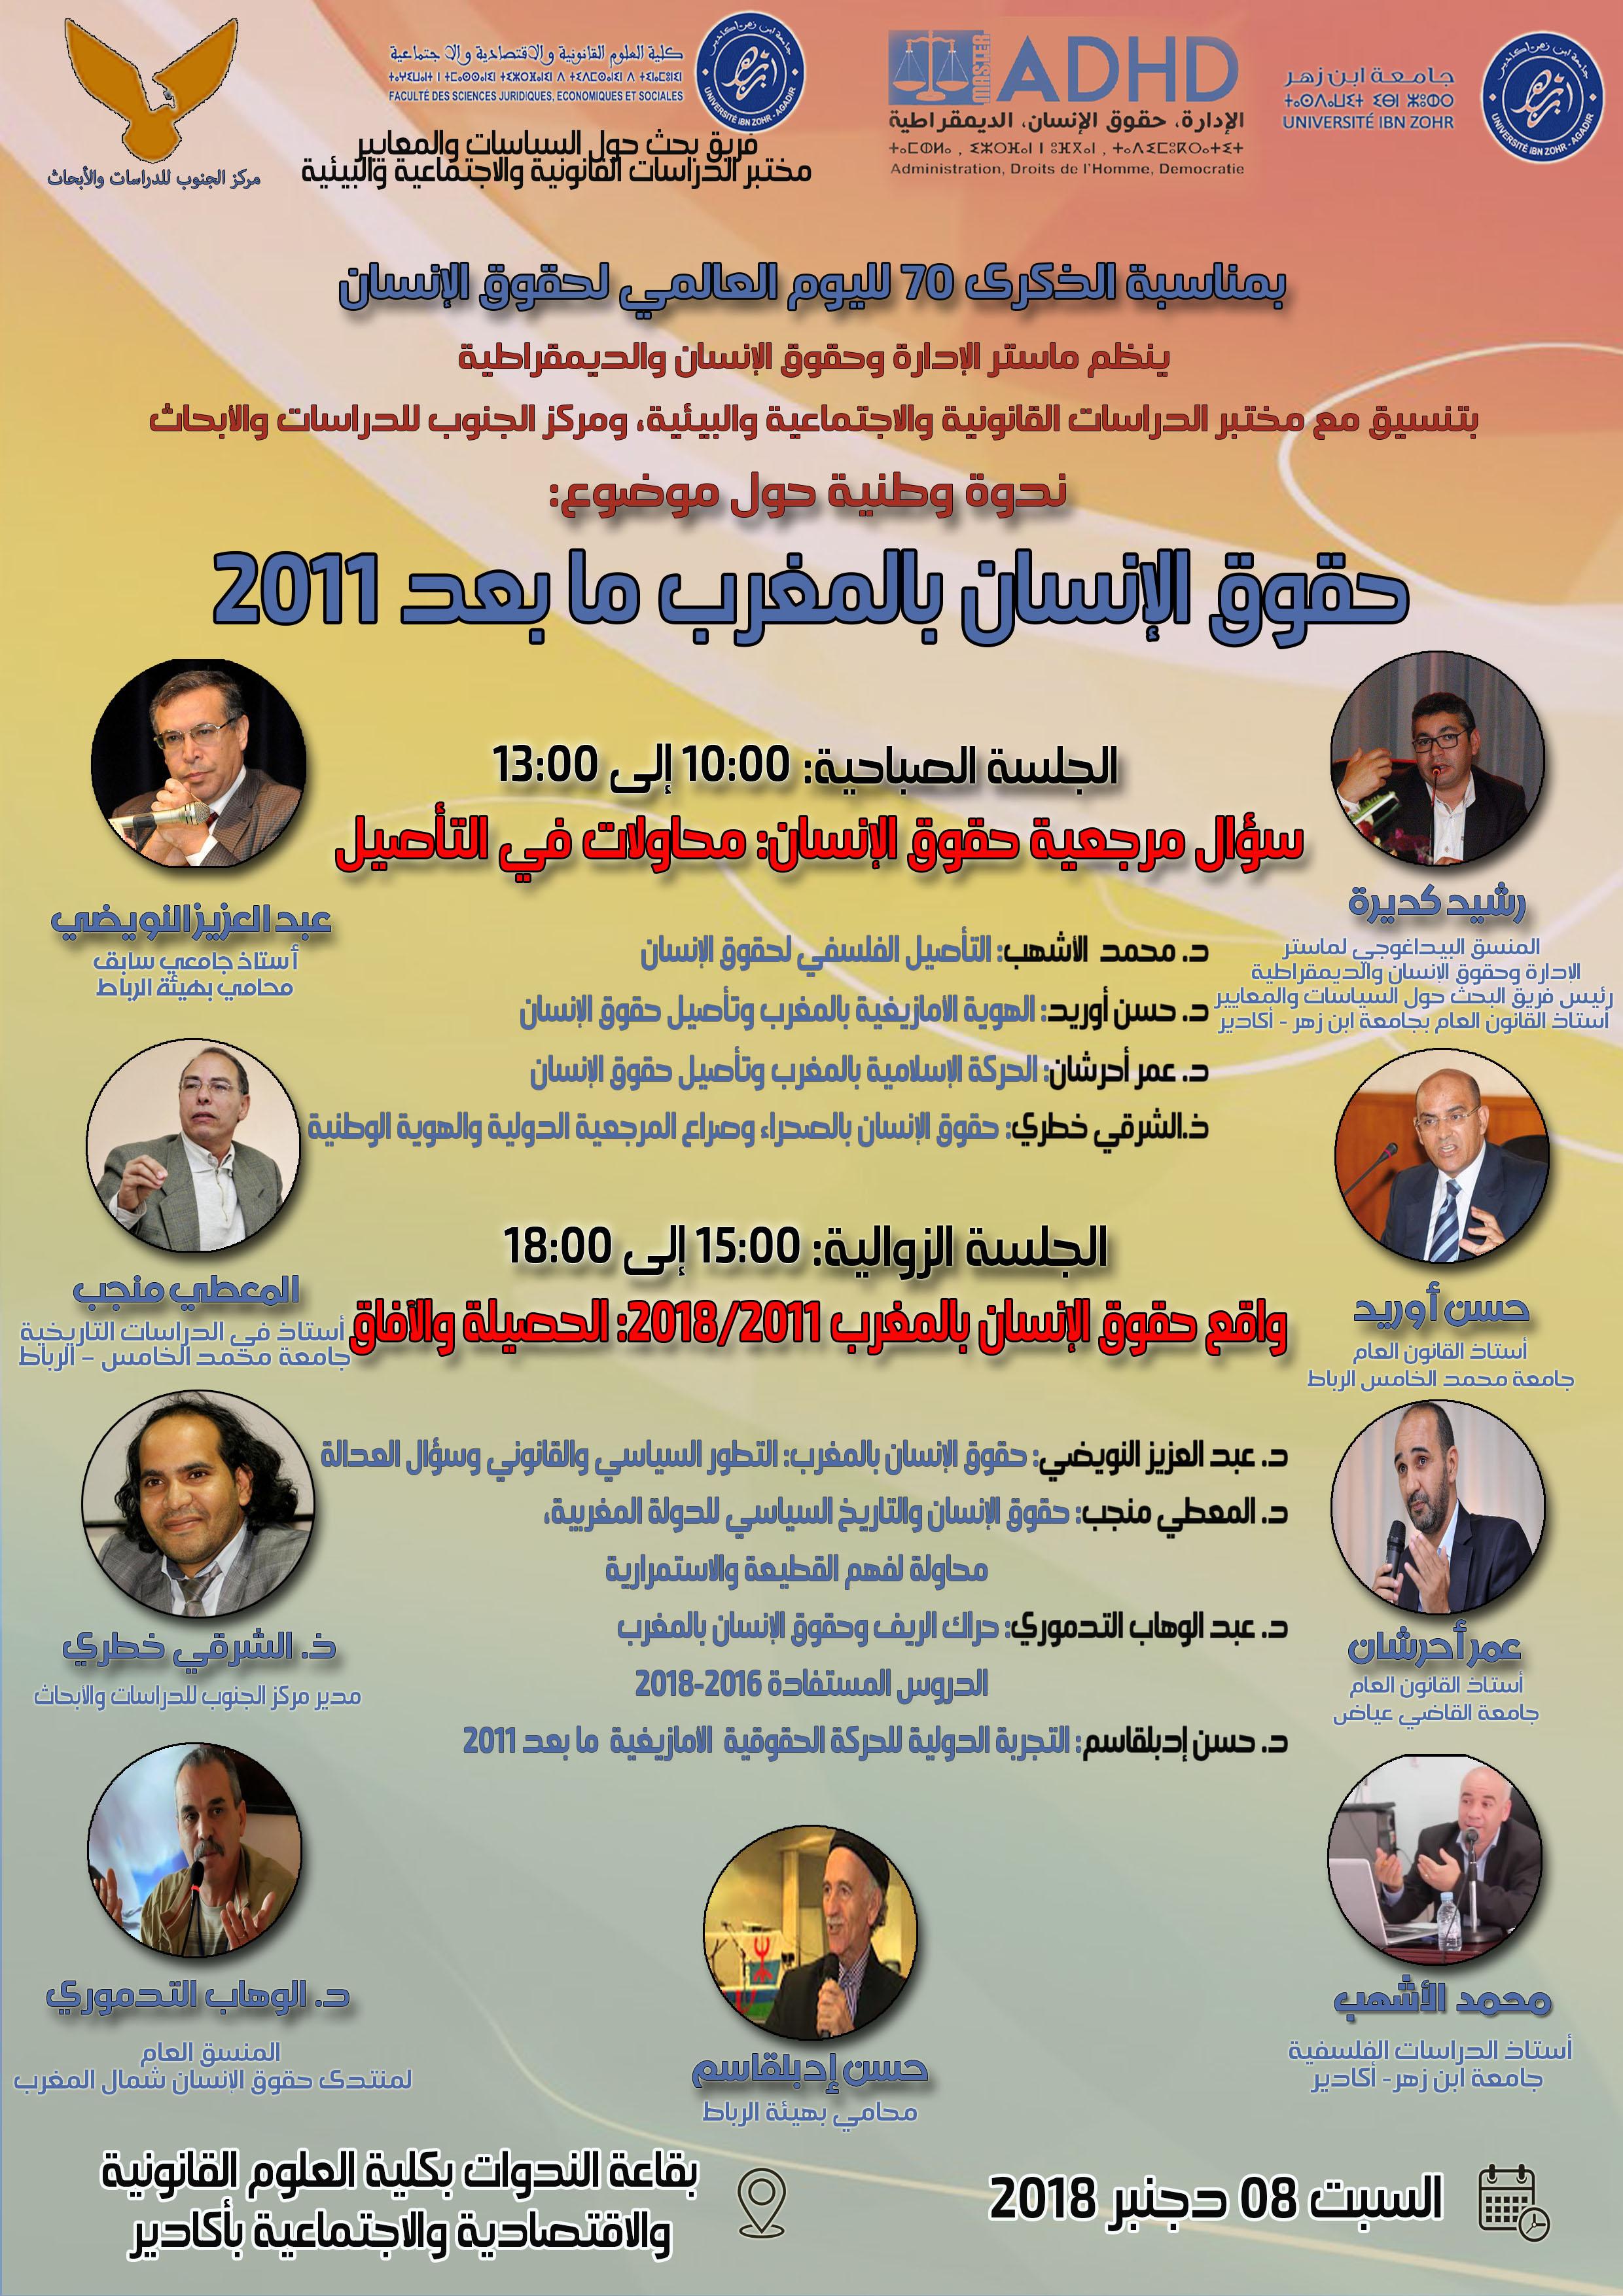 أكادير: ماستر الإدارة وحقوق الإنسان والديمقراطية يبحث في تأصيل حقوق الإنسان ويسائل حصيلتها وآفاقها في مغرب ما بعد 2011